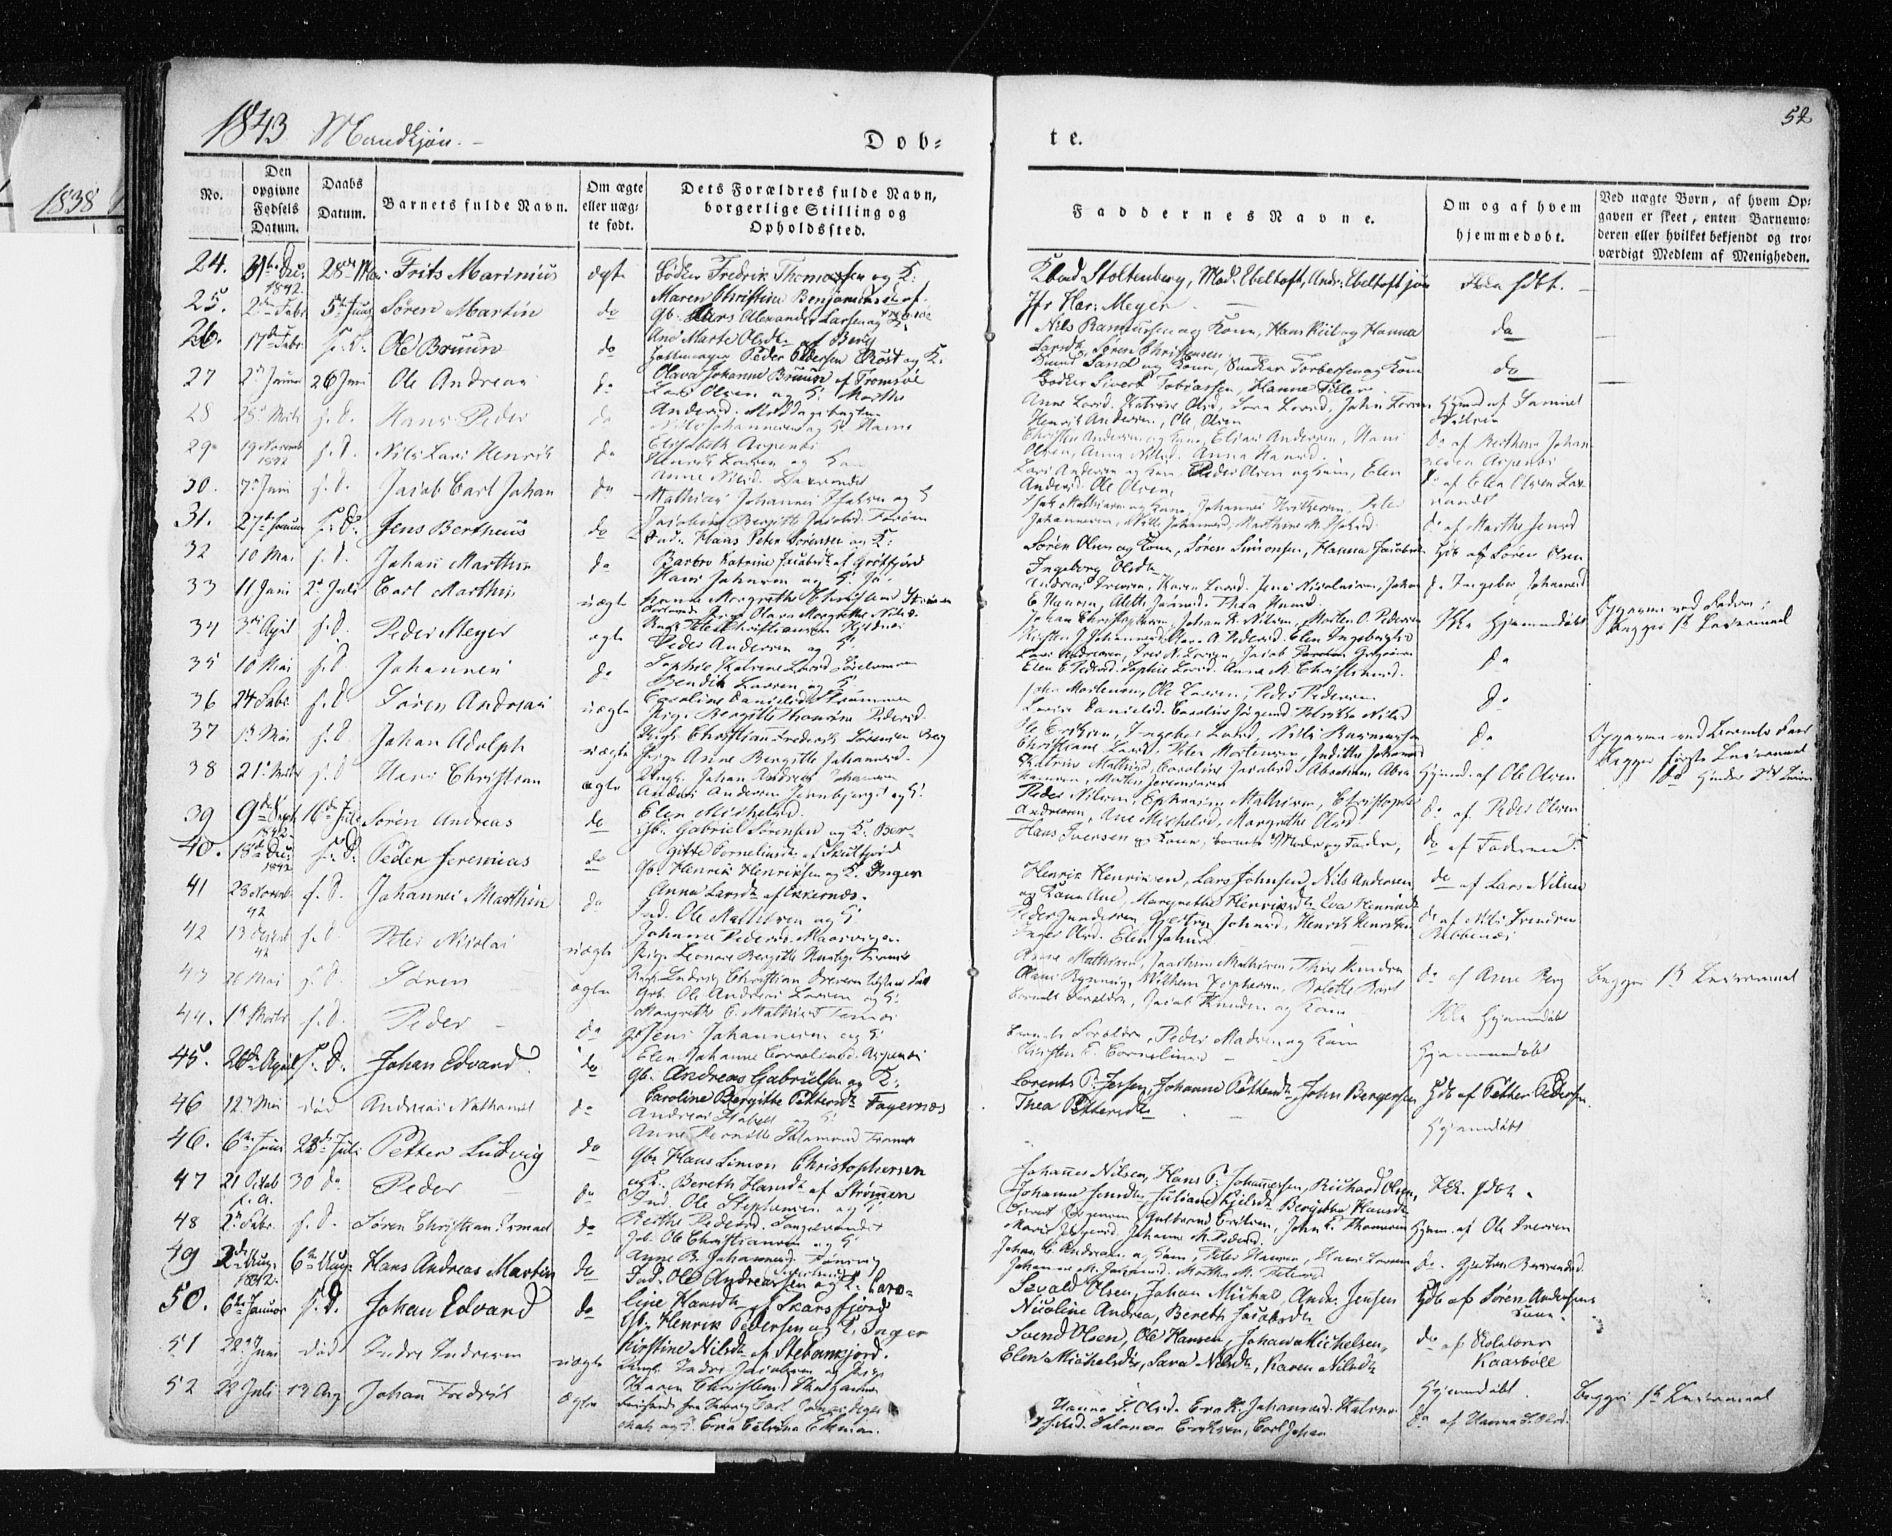 SATØ, Tromsø sokneprestkontor/stiftsprosti/domprosti, G/Ga/L0009kirke: Ministerialbok nr. 9, 1837-1847, s. 52